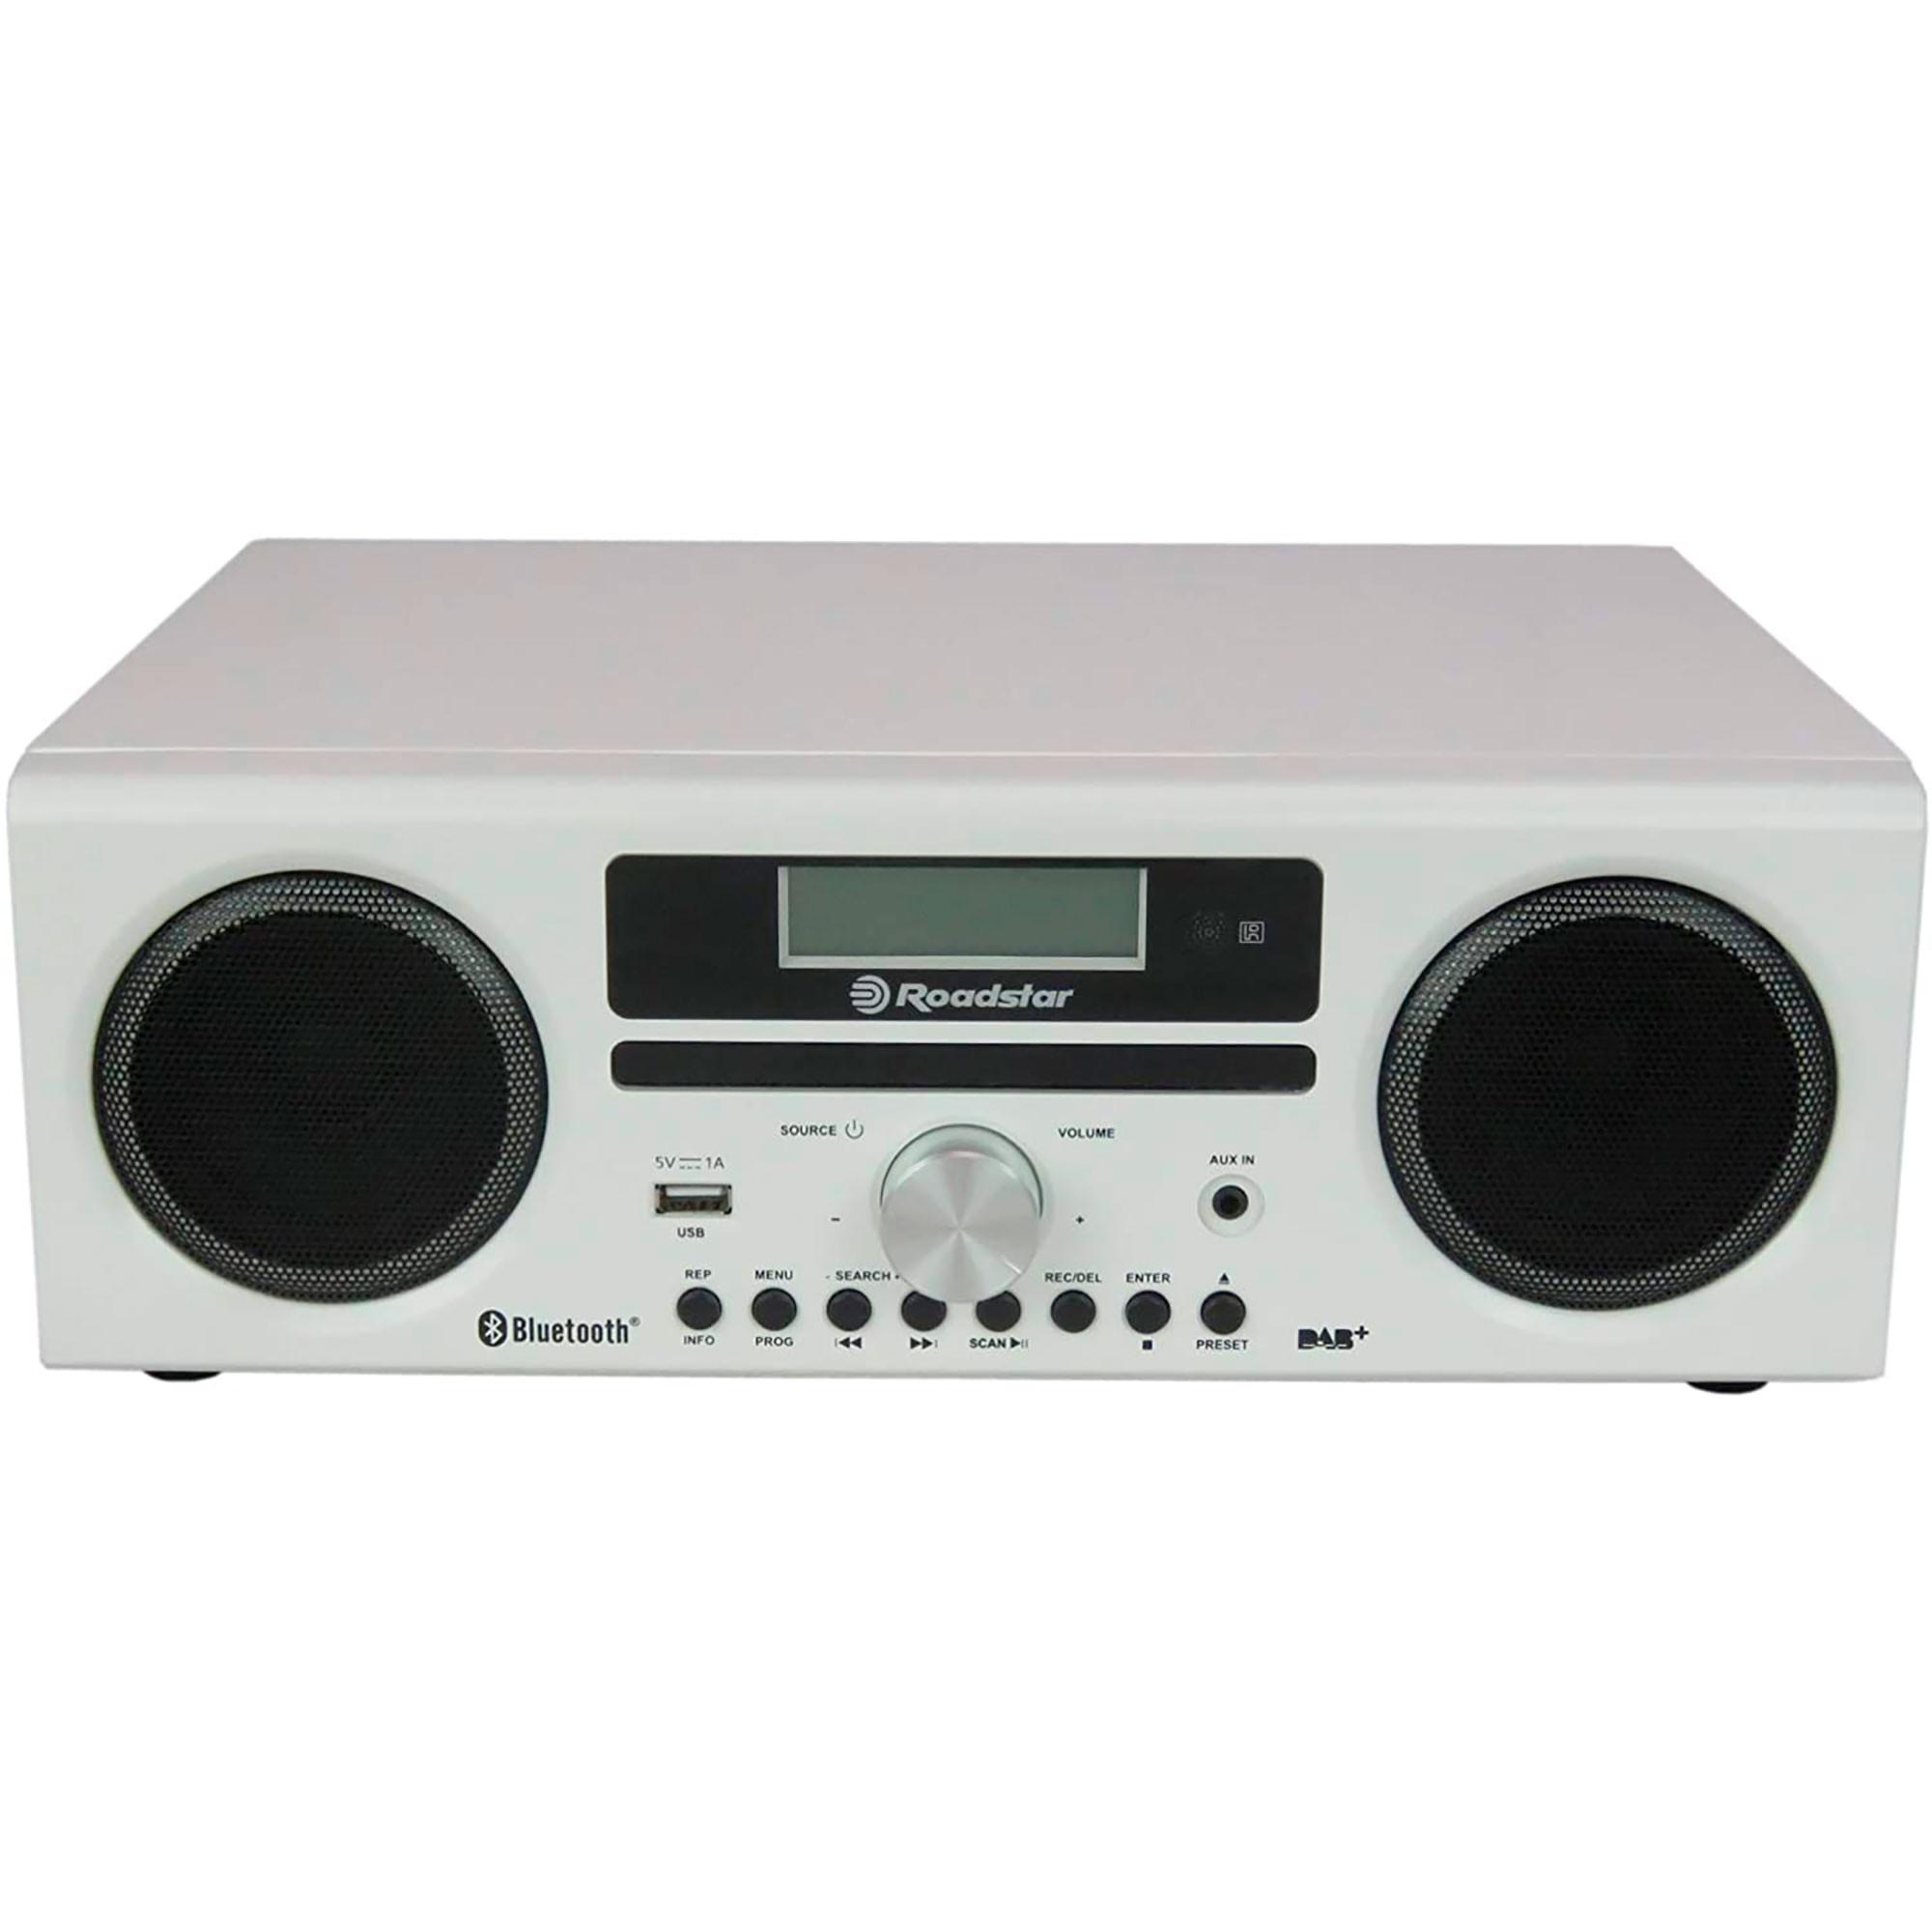 Roadstar HRA9DBT-WHL Radio Portátil DAB/DAB+/FM, Reproductor CD-MP3, Bluetooth, USB, AUX-IN, Grabador, Pantalla LCD, Mando a Distancia, Blanco